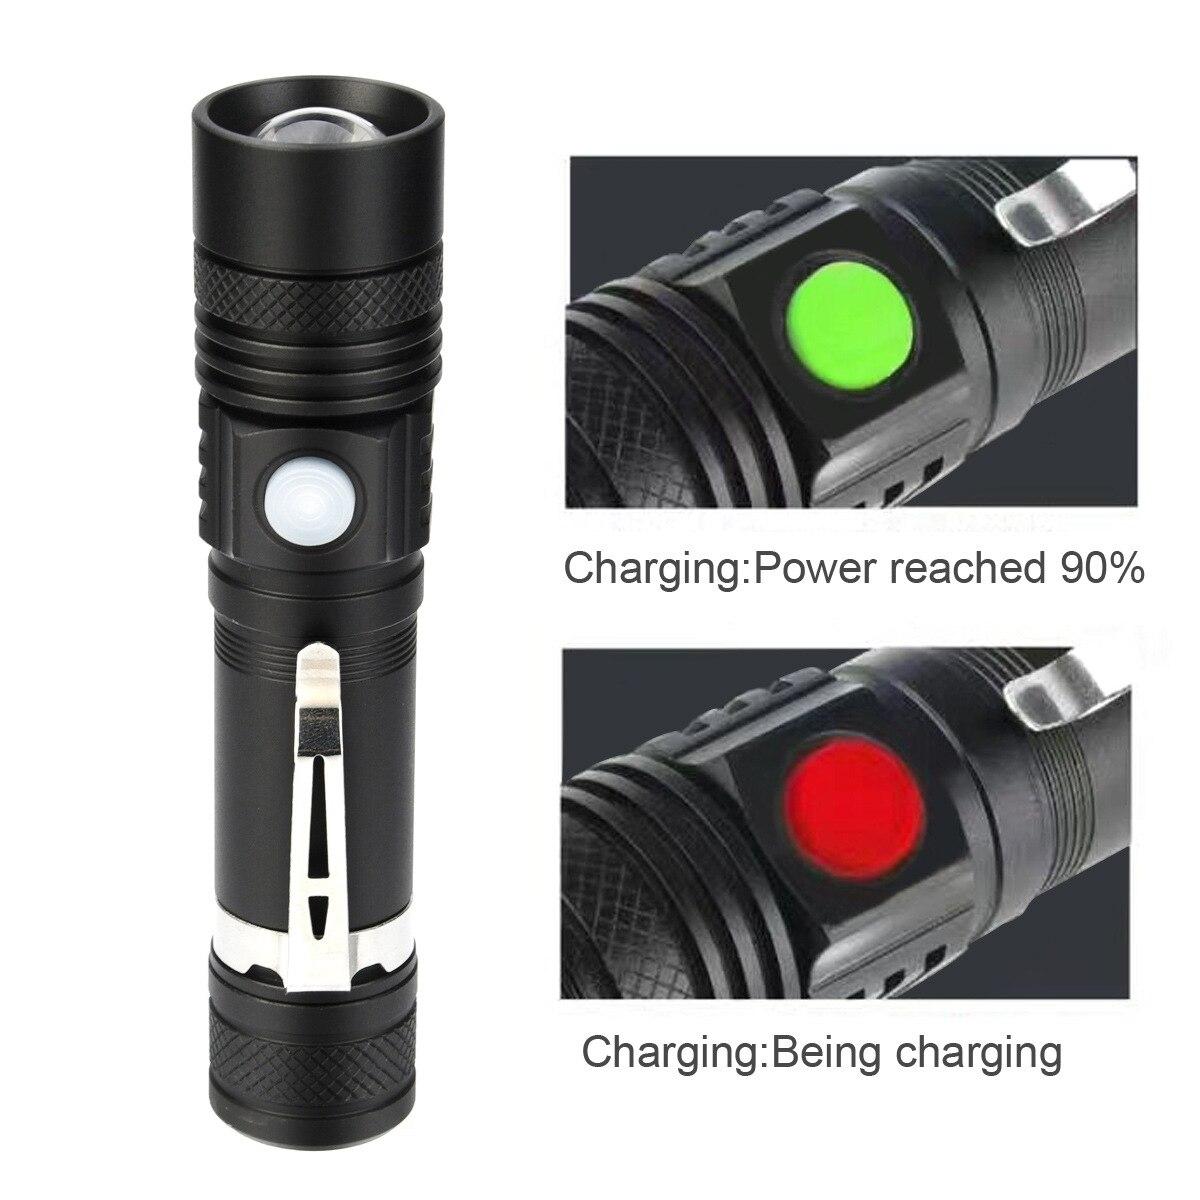 Projecteur rechargeable USB DEL Head Torch 3 Light Modes Étanche 600 lm